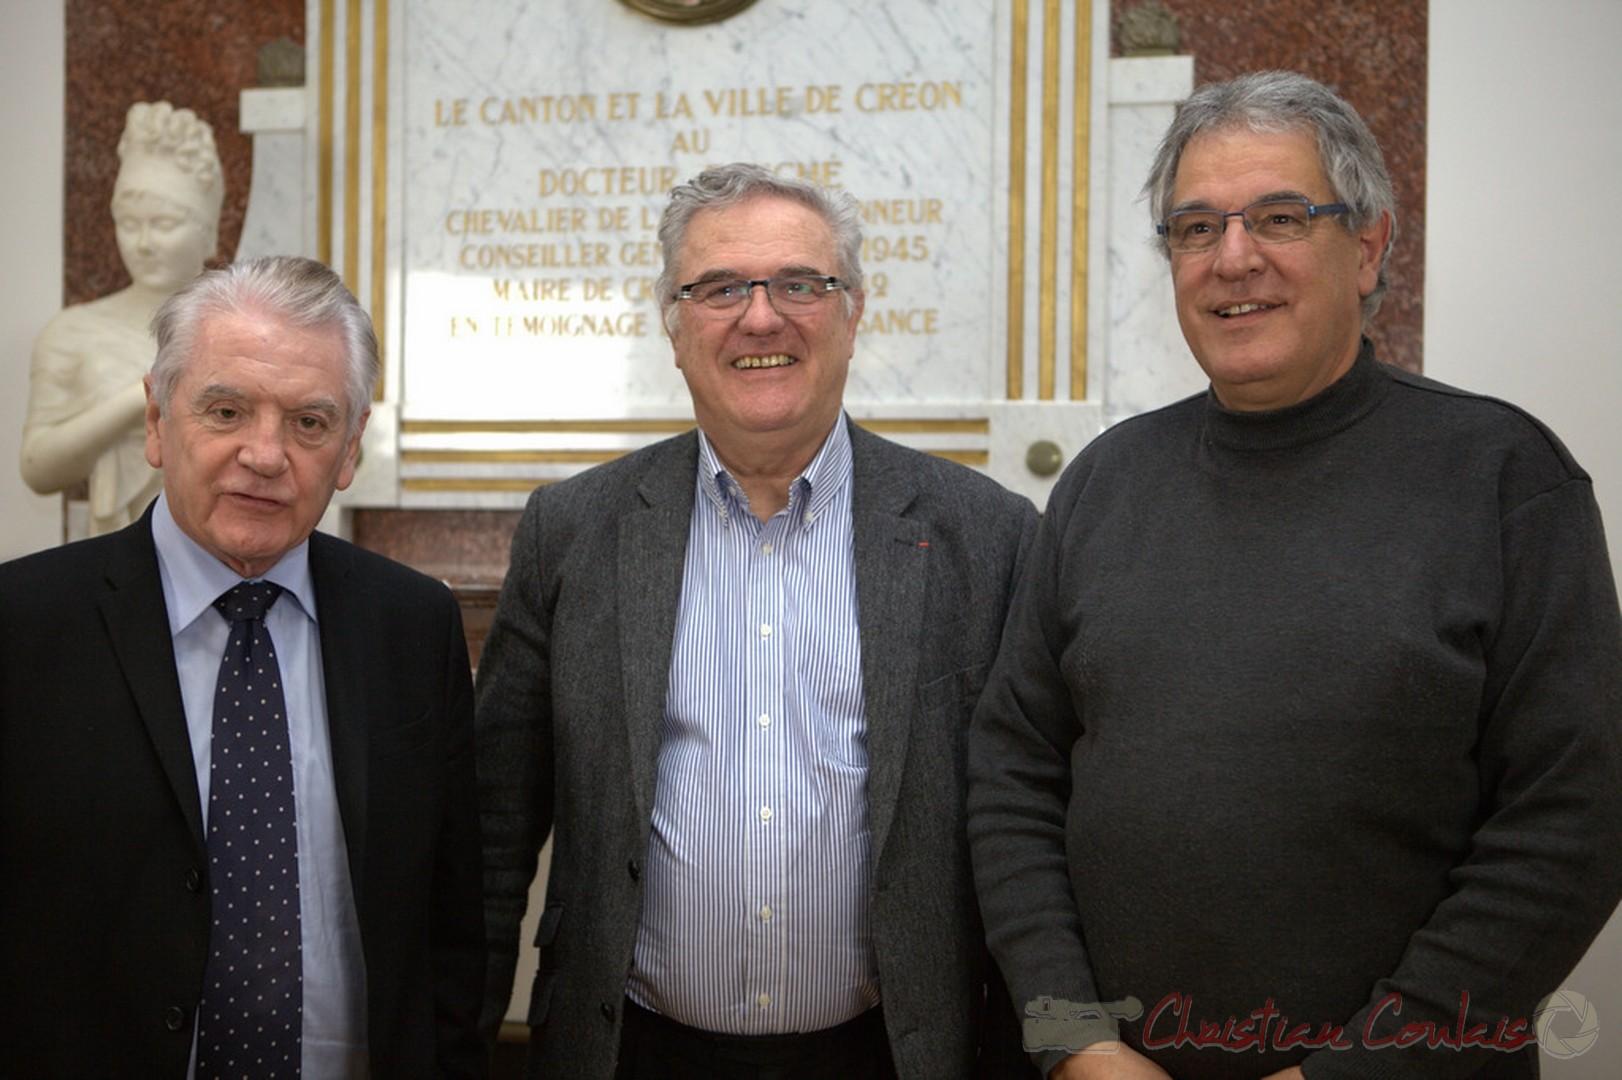 Philippe Madrelle, Jean-Marie Darmian, Pierre Gachet, Créon